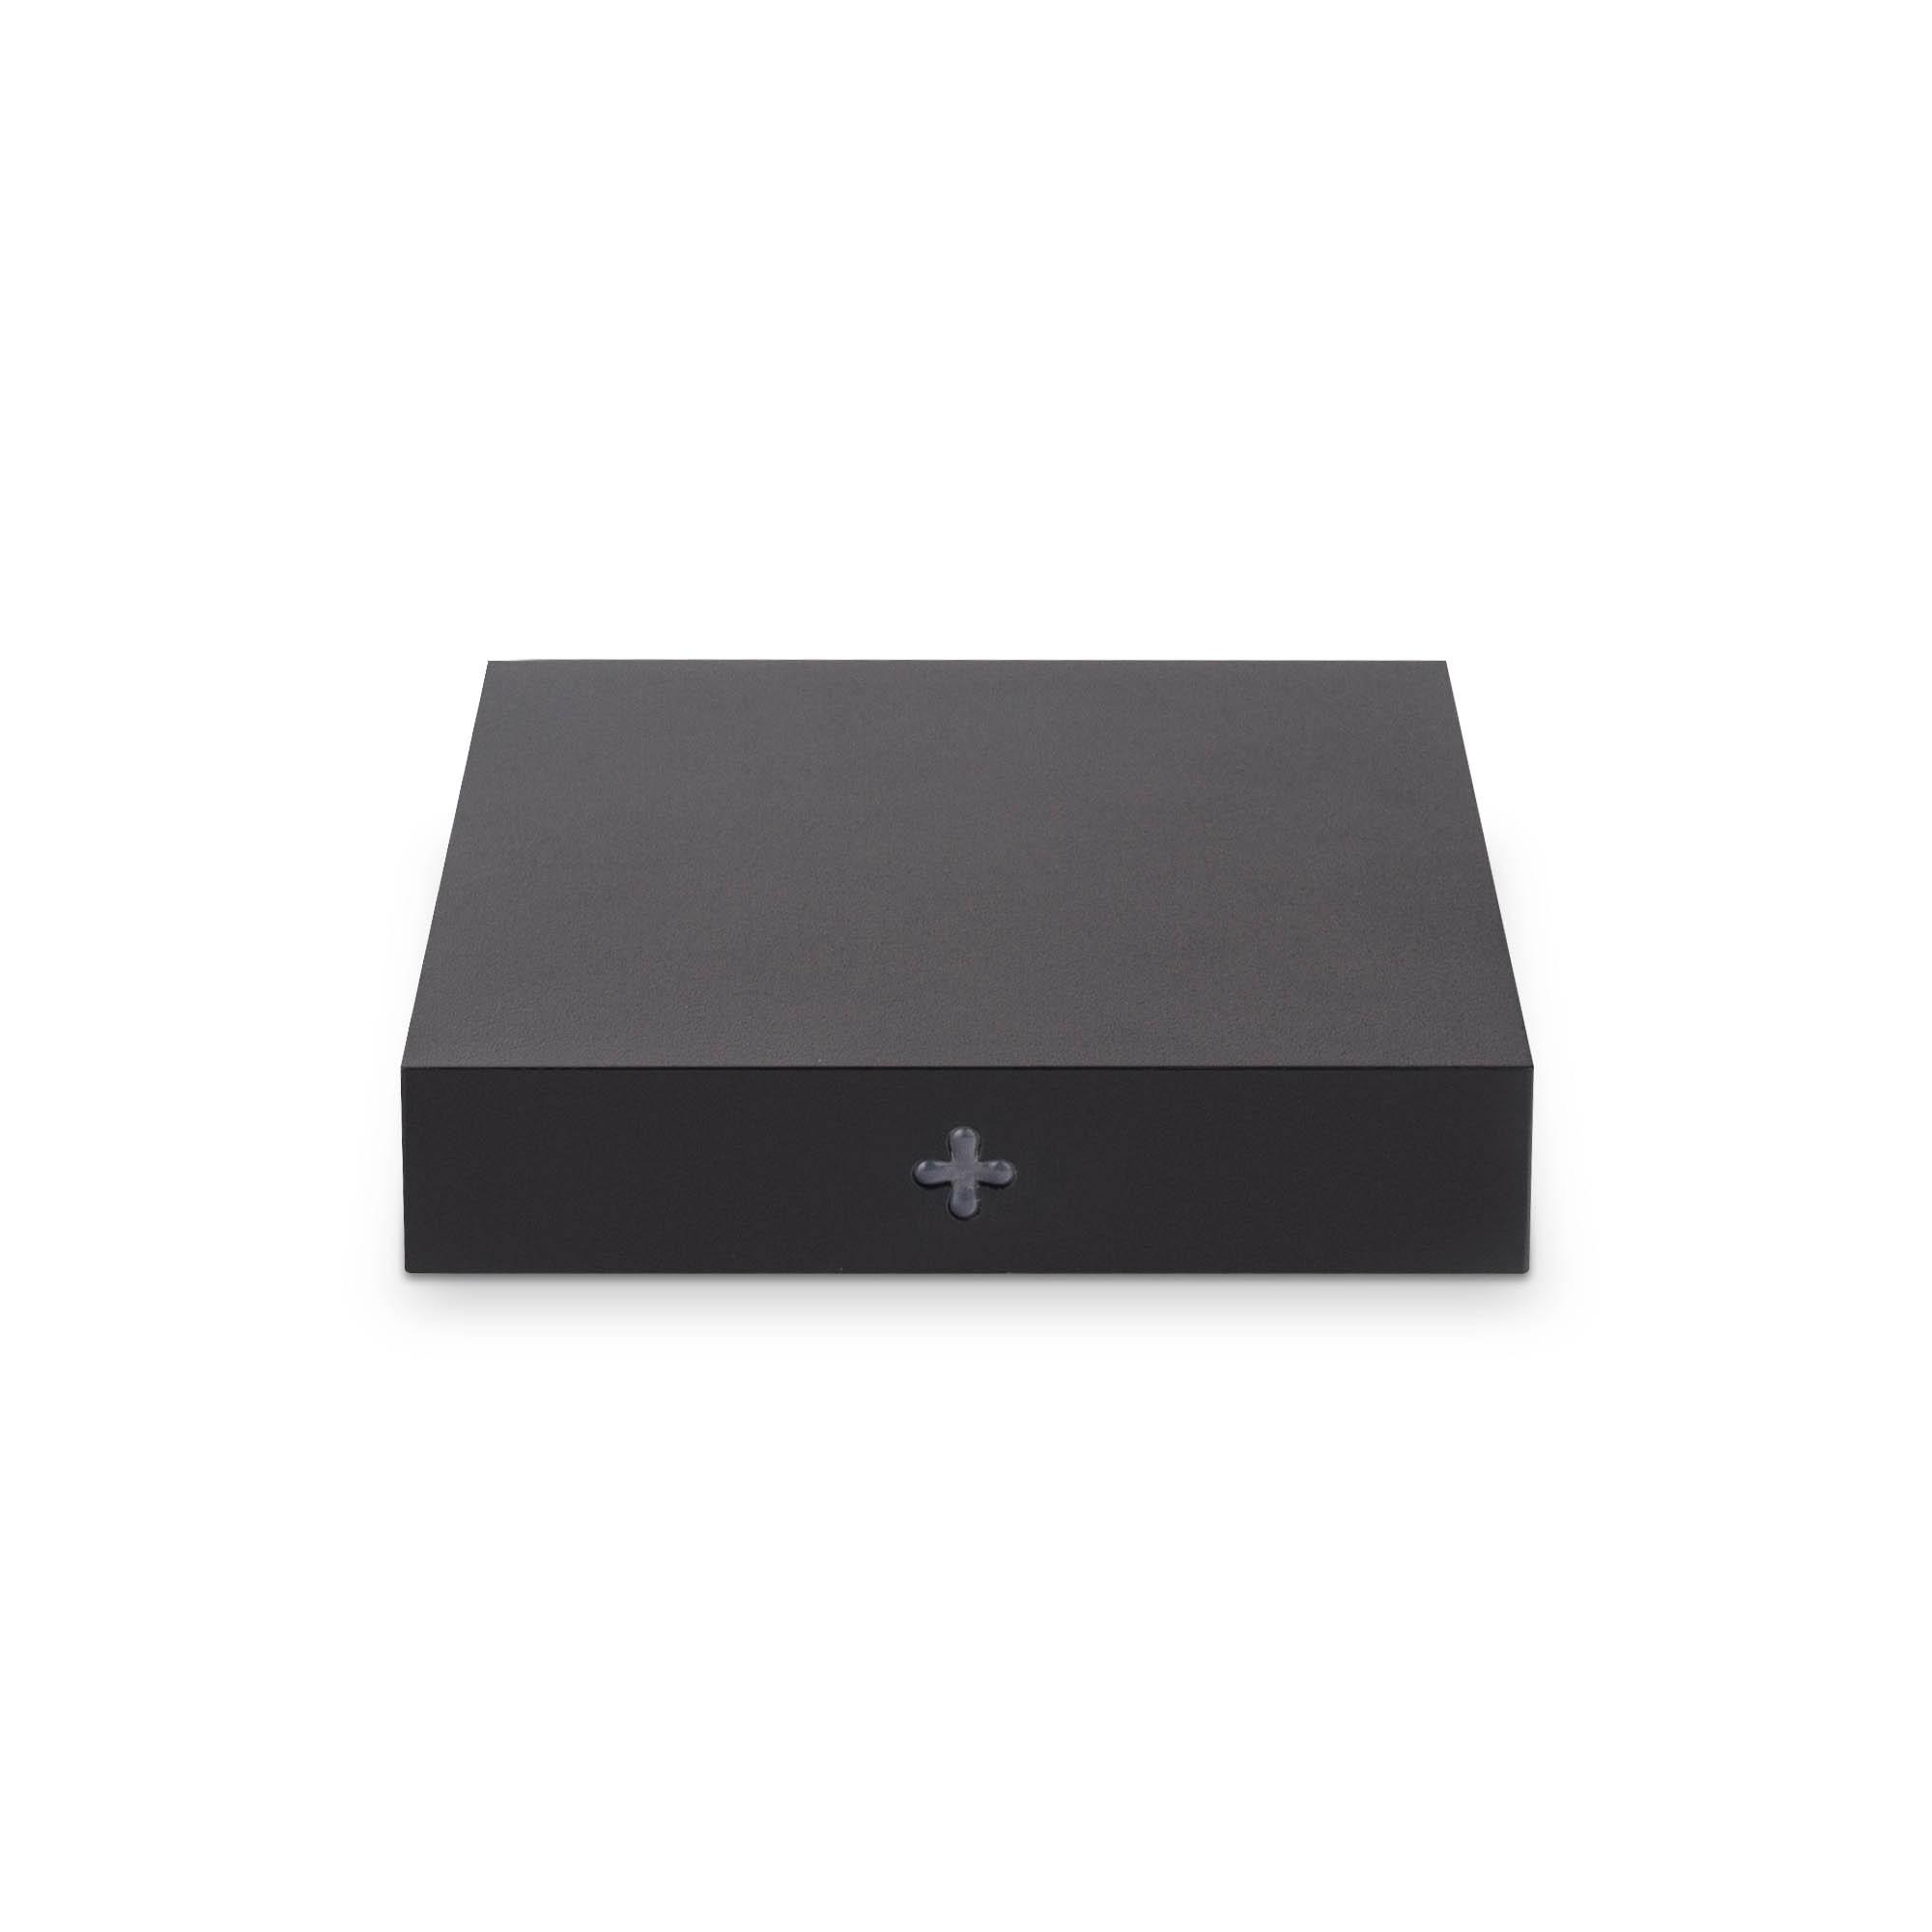 Rombica Smart Box v008